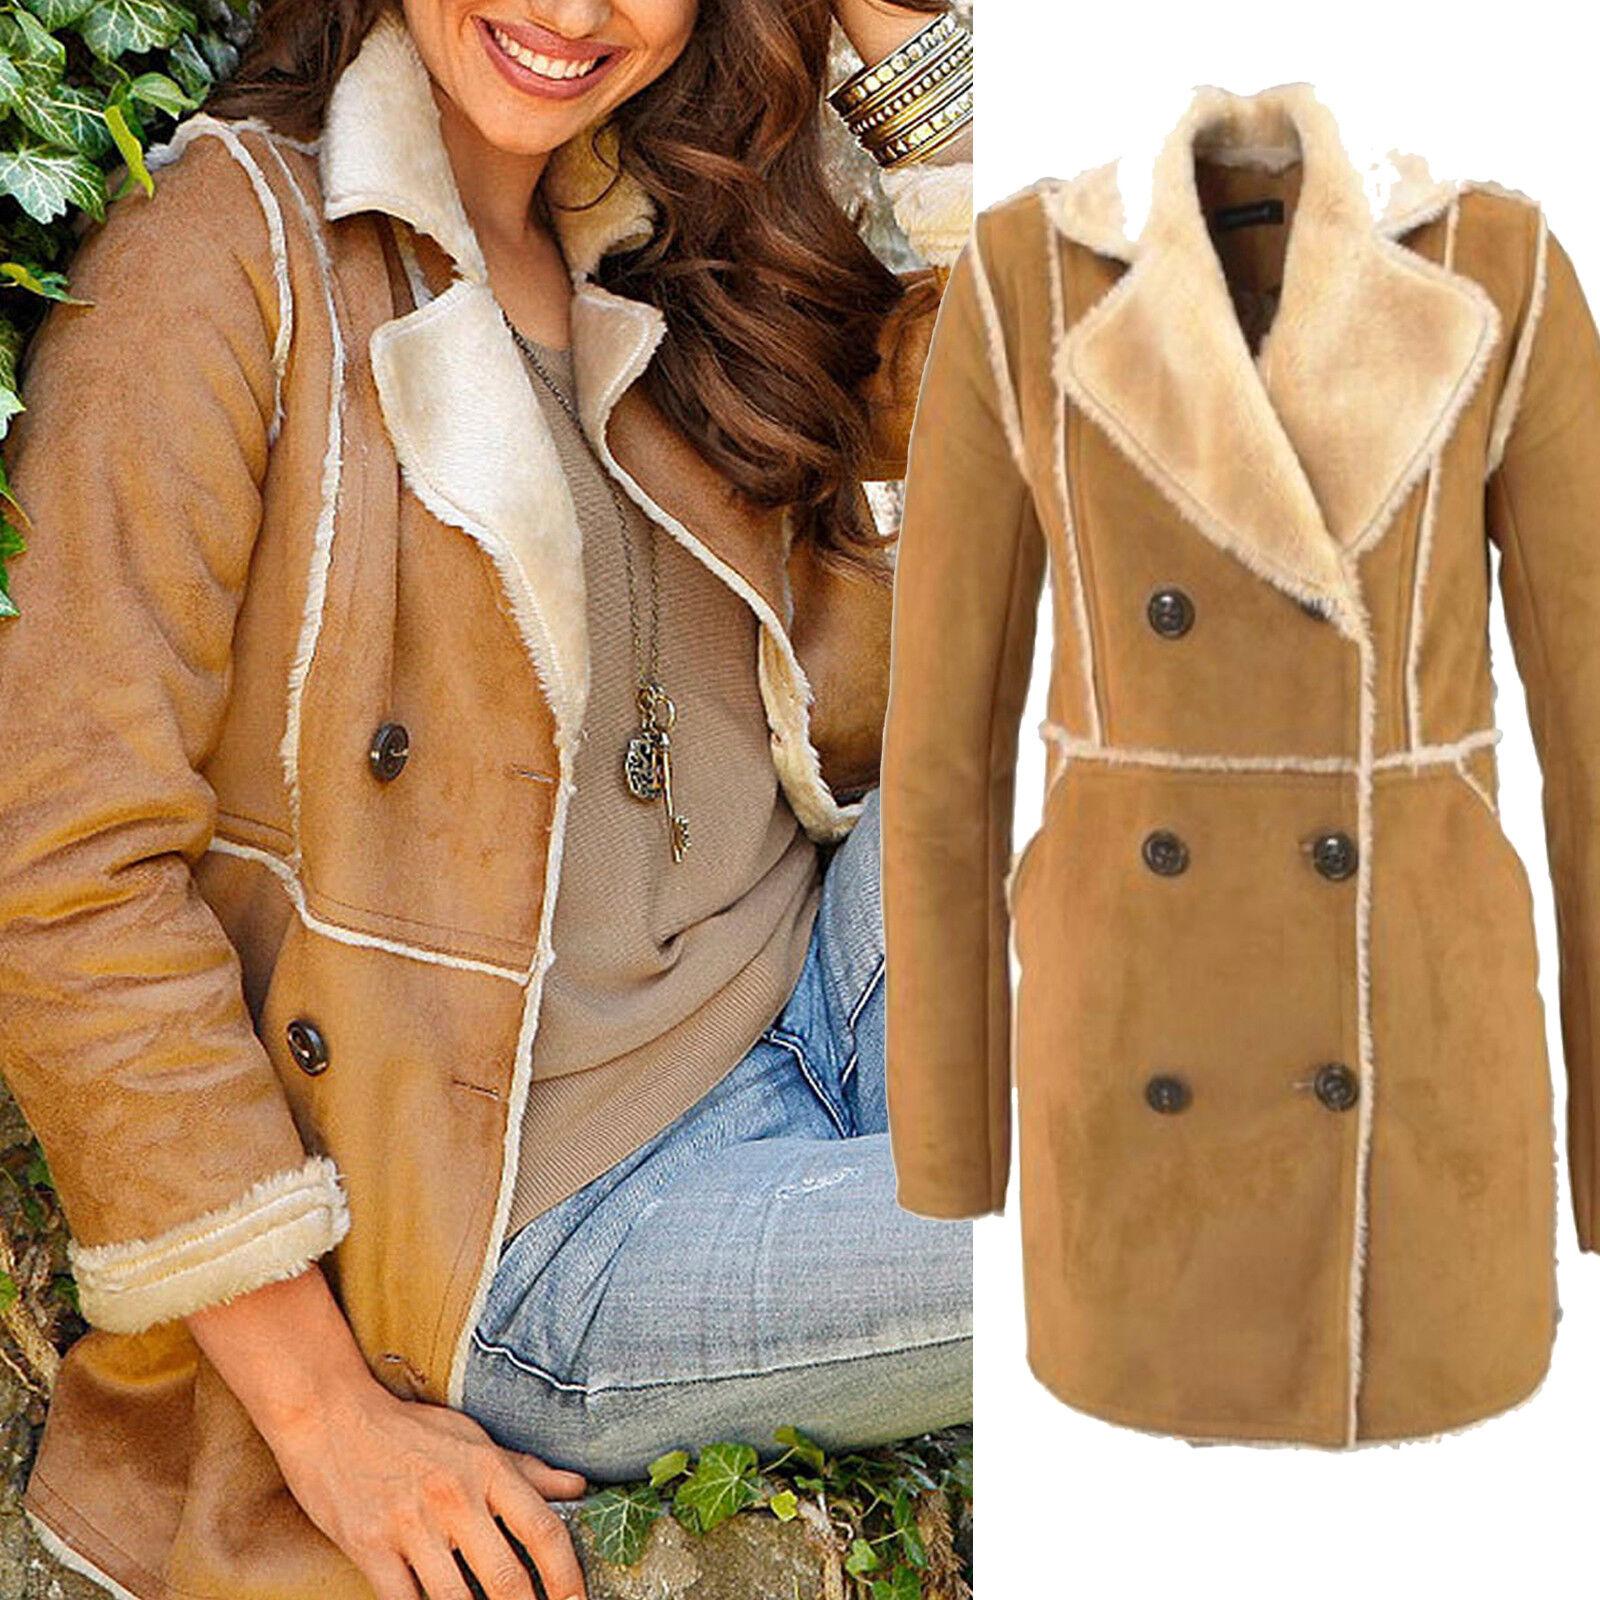 Caldo inverno cappotto di alta Cappotto qualità tg. 34 XS Webpelz Cappotto  alta Giacca cognac 89fc6d cbfadcbcf83